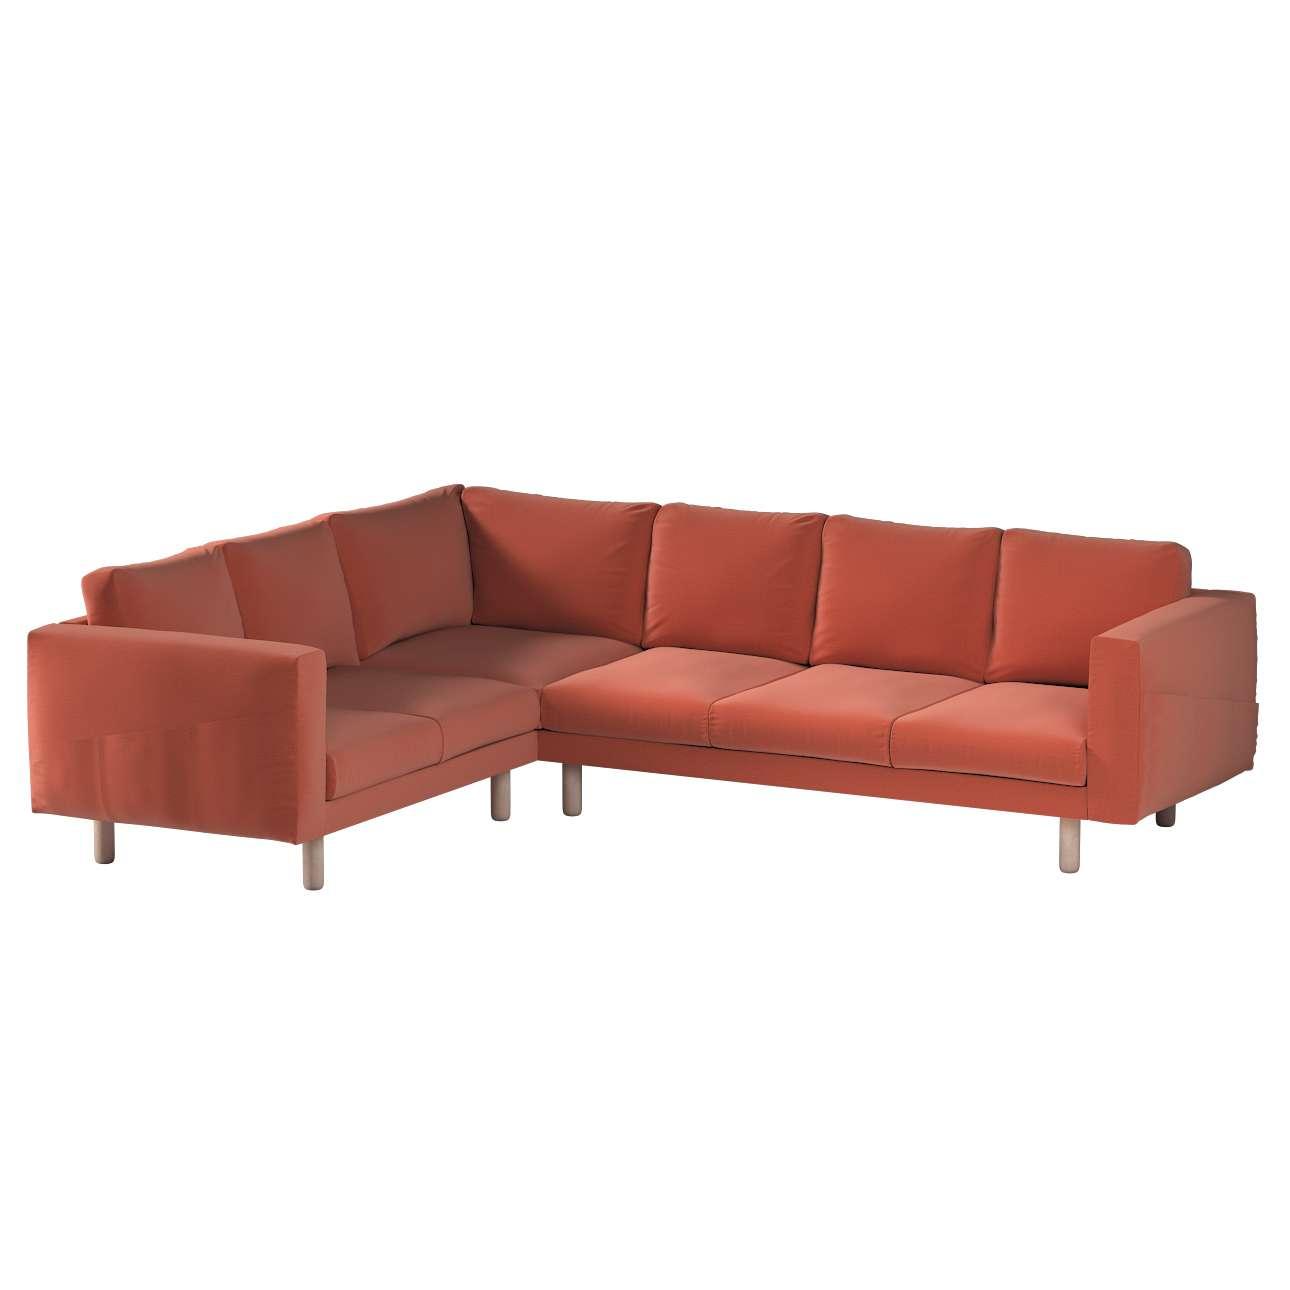 Pokrowiec na sofę narożną Norsborg 5-osobową w kolekcji Ingrid, tkanina: 705-37